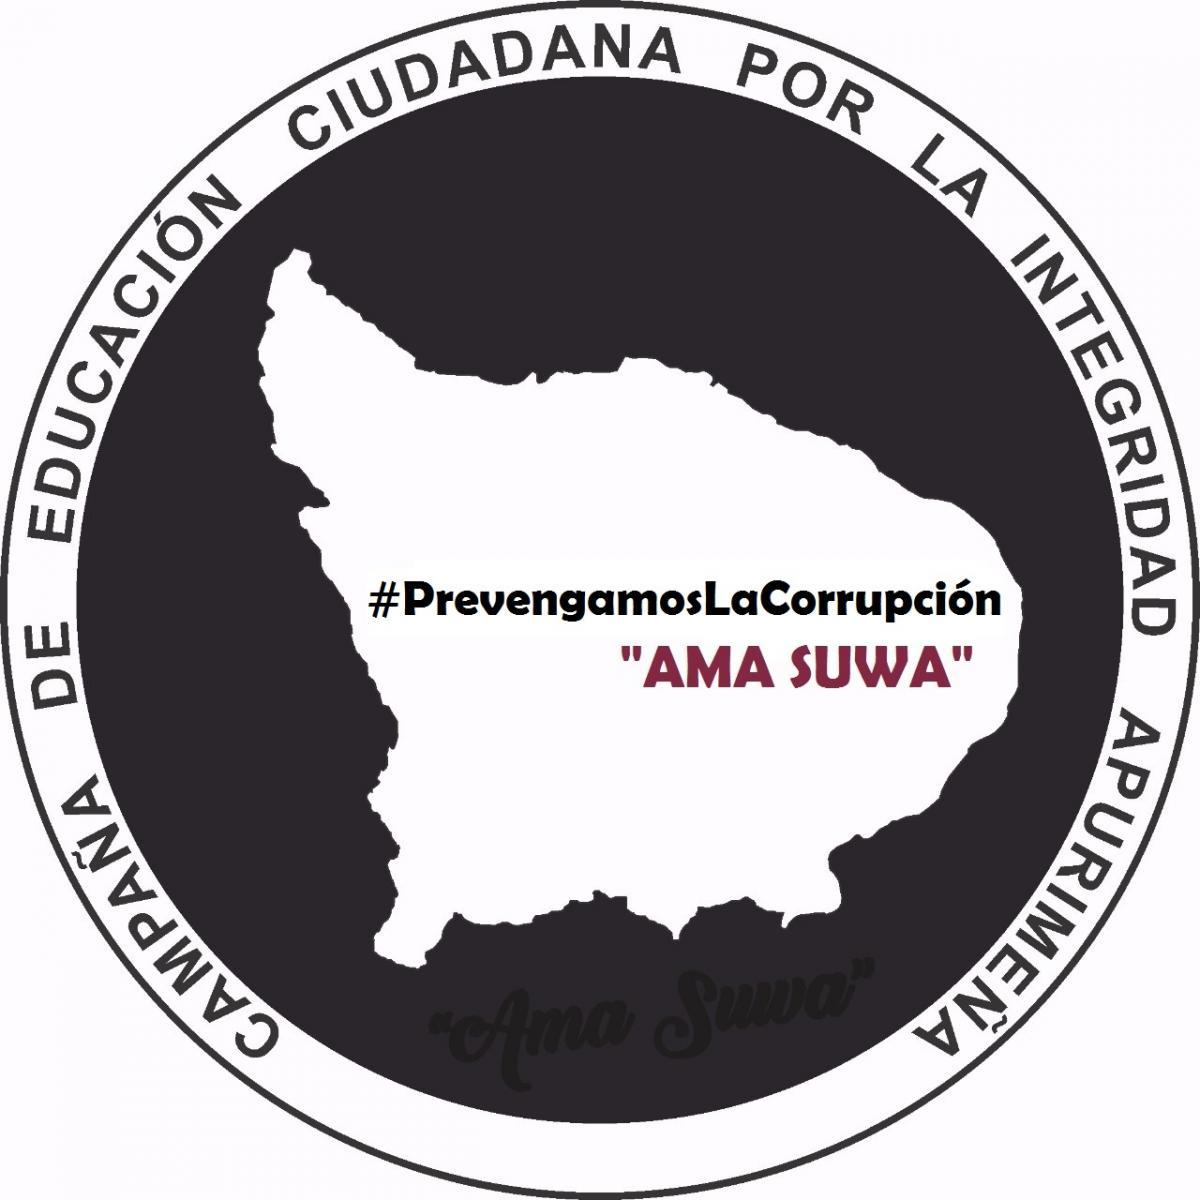 logo_ama_suwa.jpg